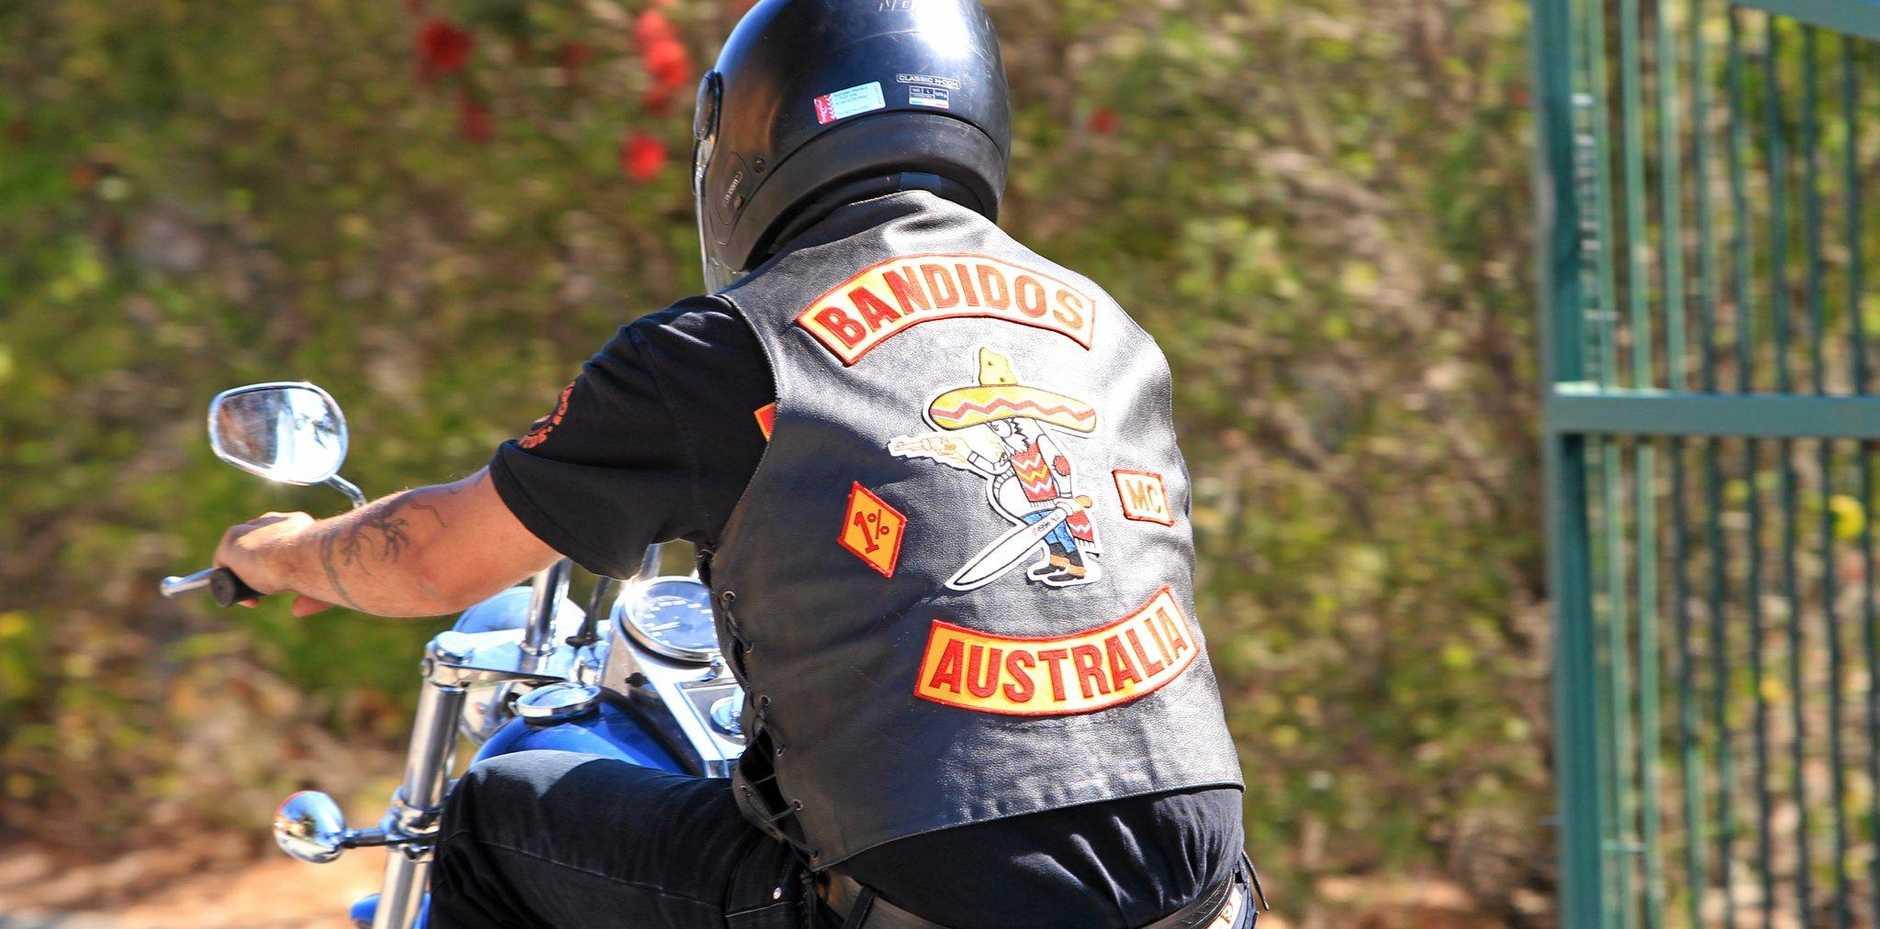 A Bandidos motorcycle club member rides through Caloundra in 2011.